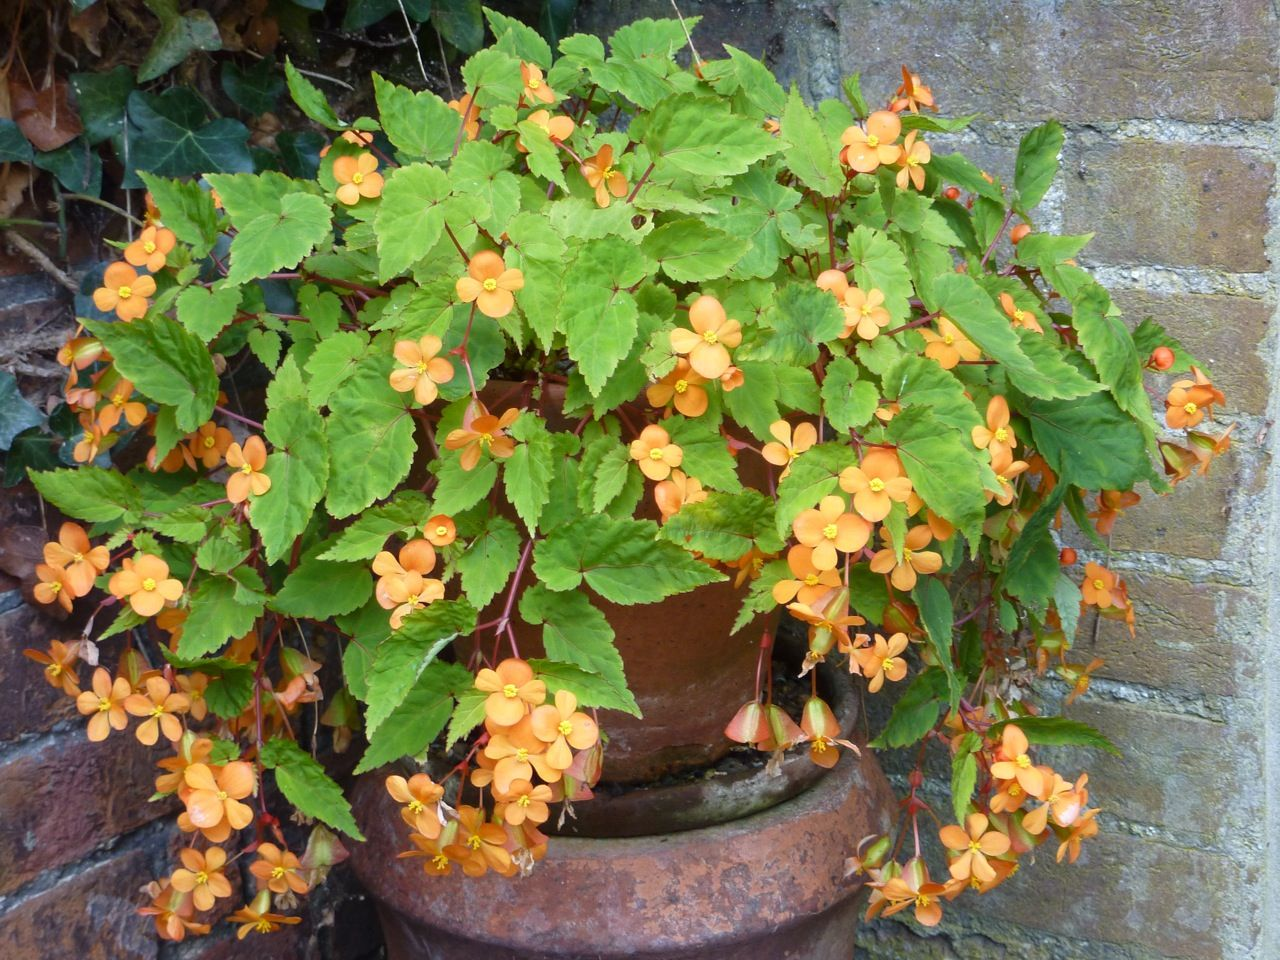 De Begonia Sutherlandii Soms Ook Wel Begonia Papaya Genoemd Is Een Knolbegonia Die Onophoudelijk Bloeit Op Een Warme En L Eenjarige Planten Begonia Tuinplanten